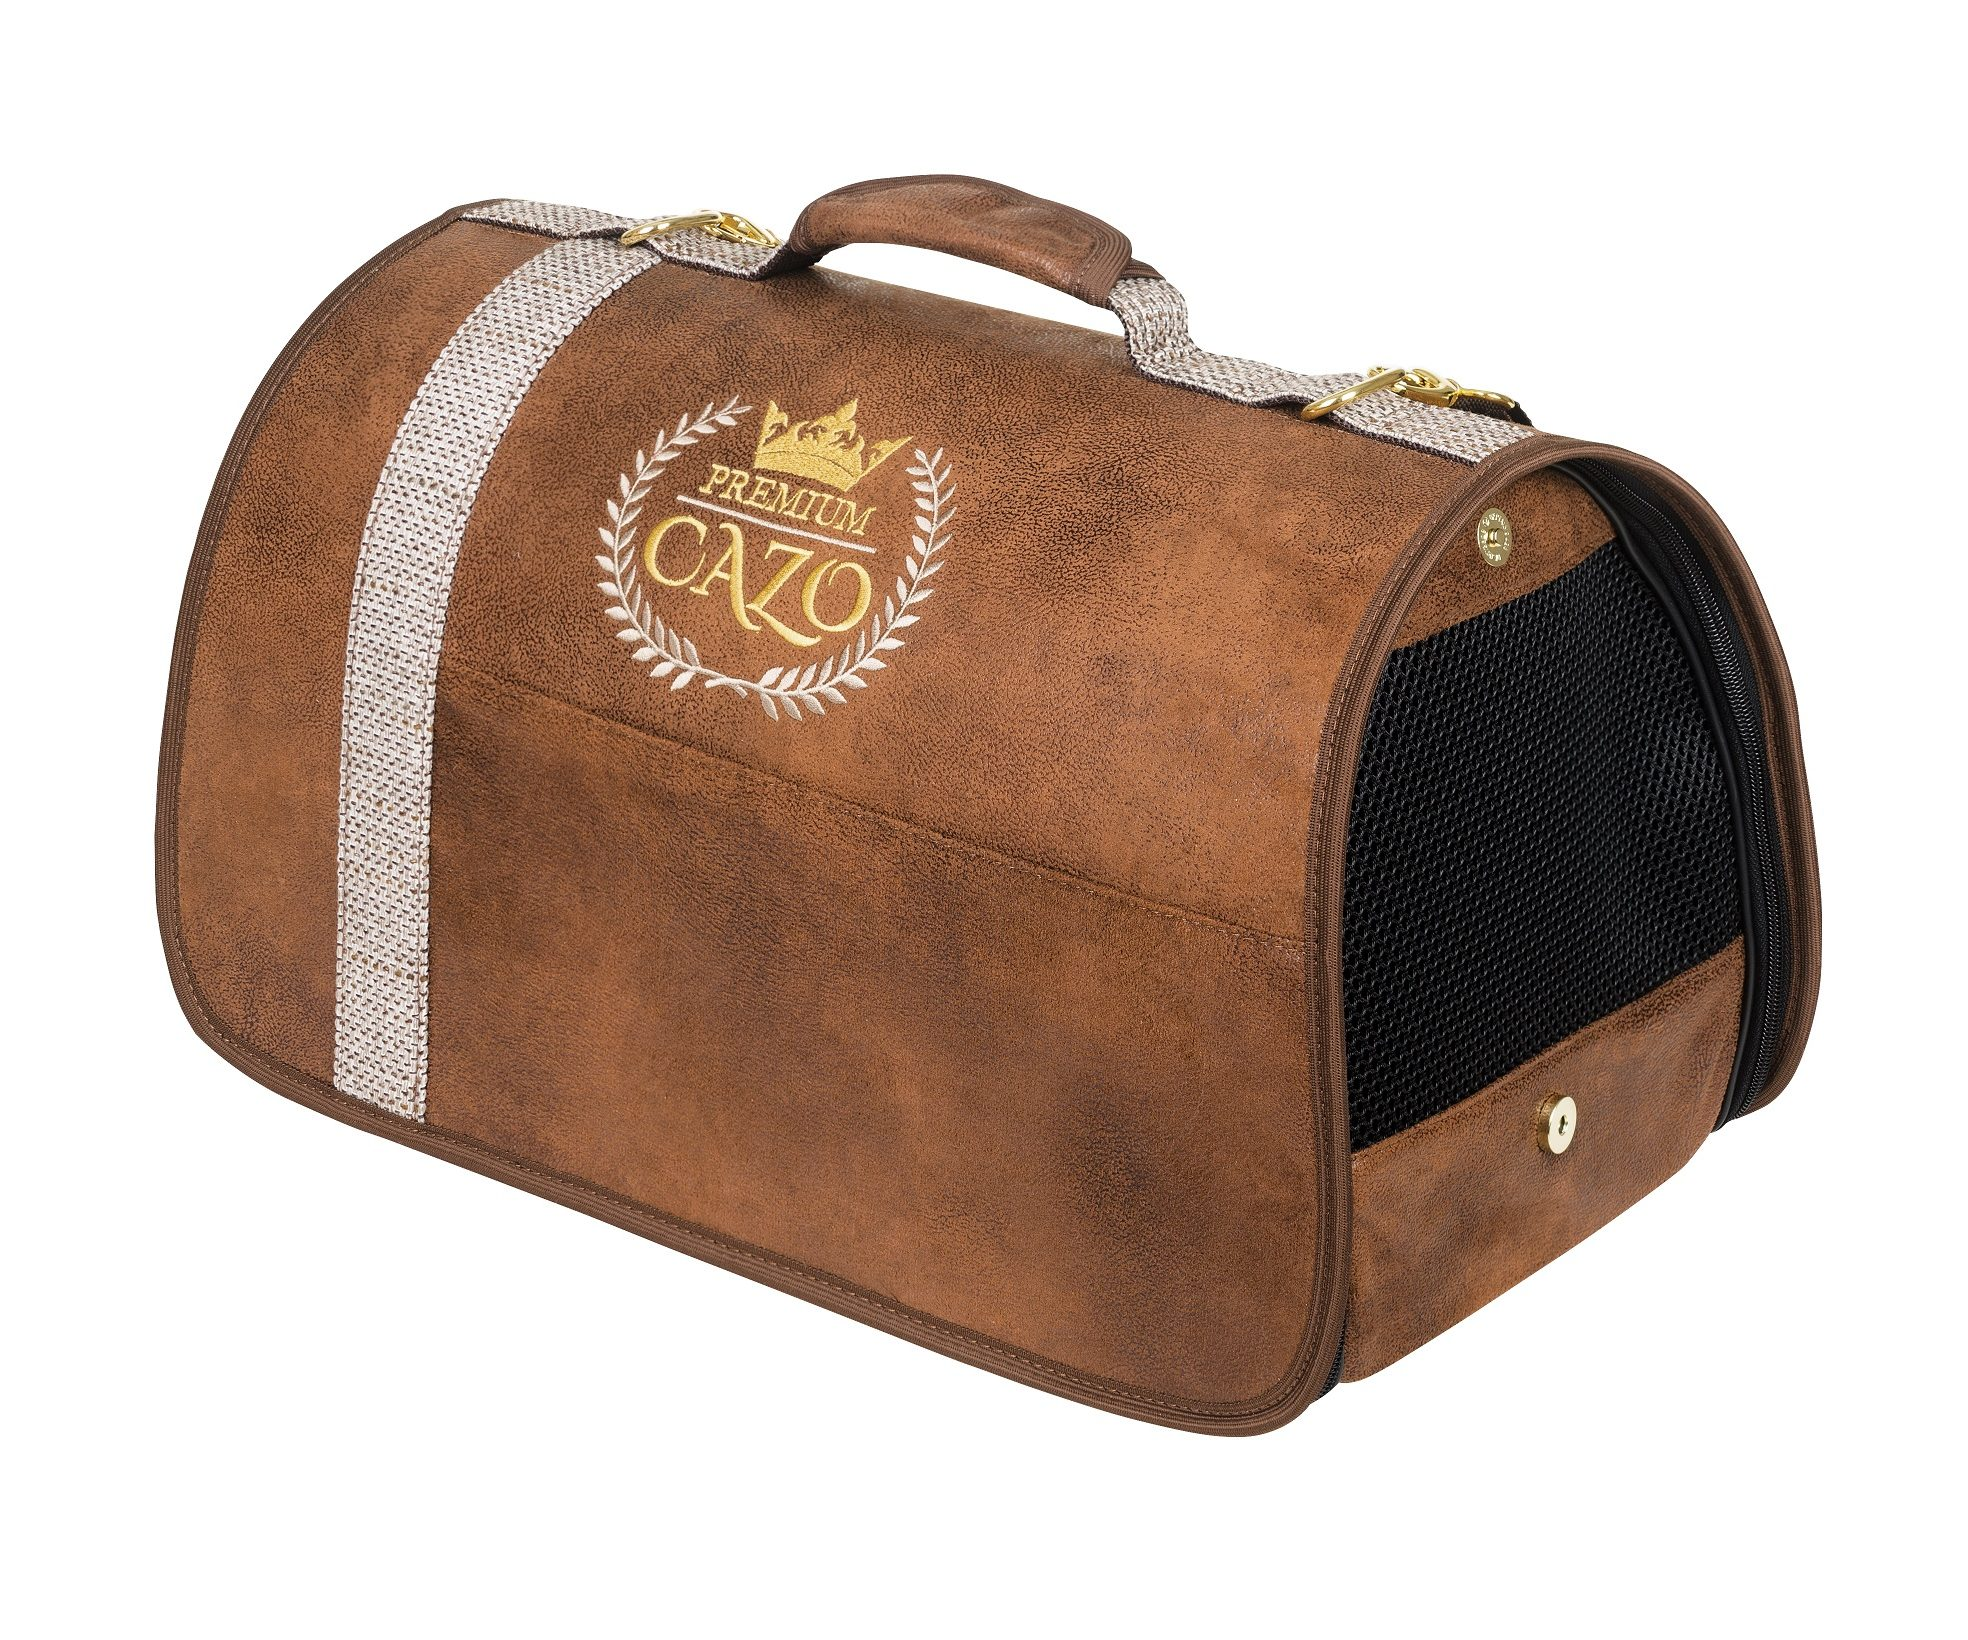 51b30ed9a0 Transportná taška Cazo Premium